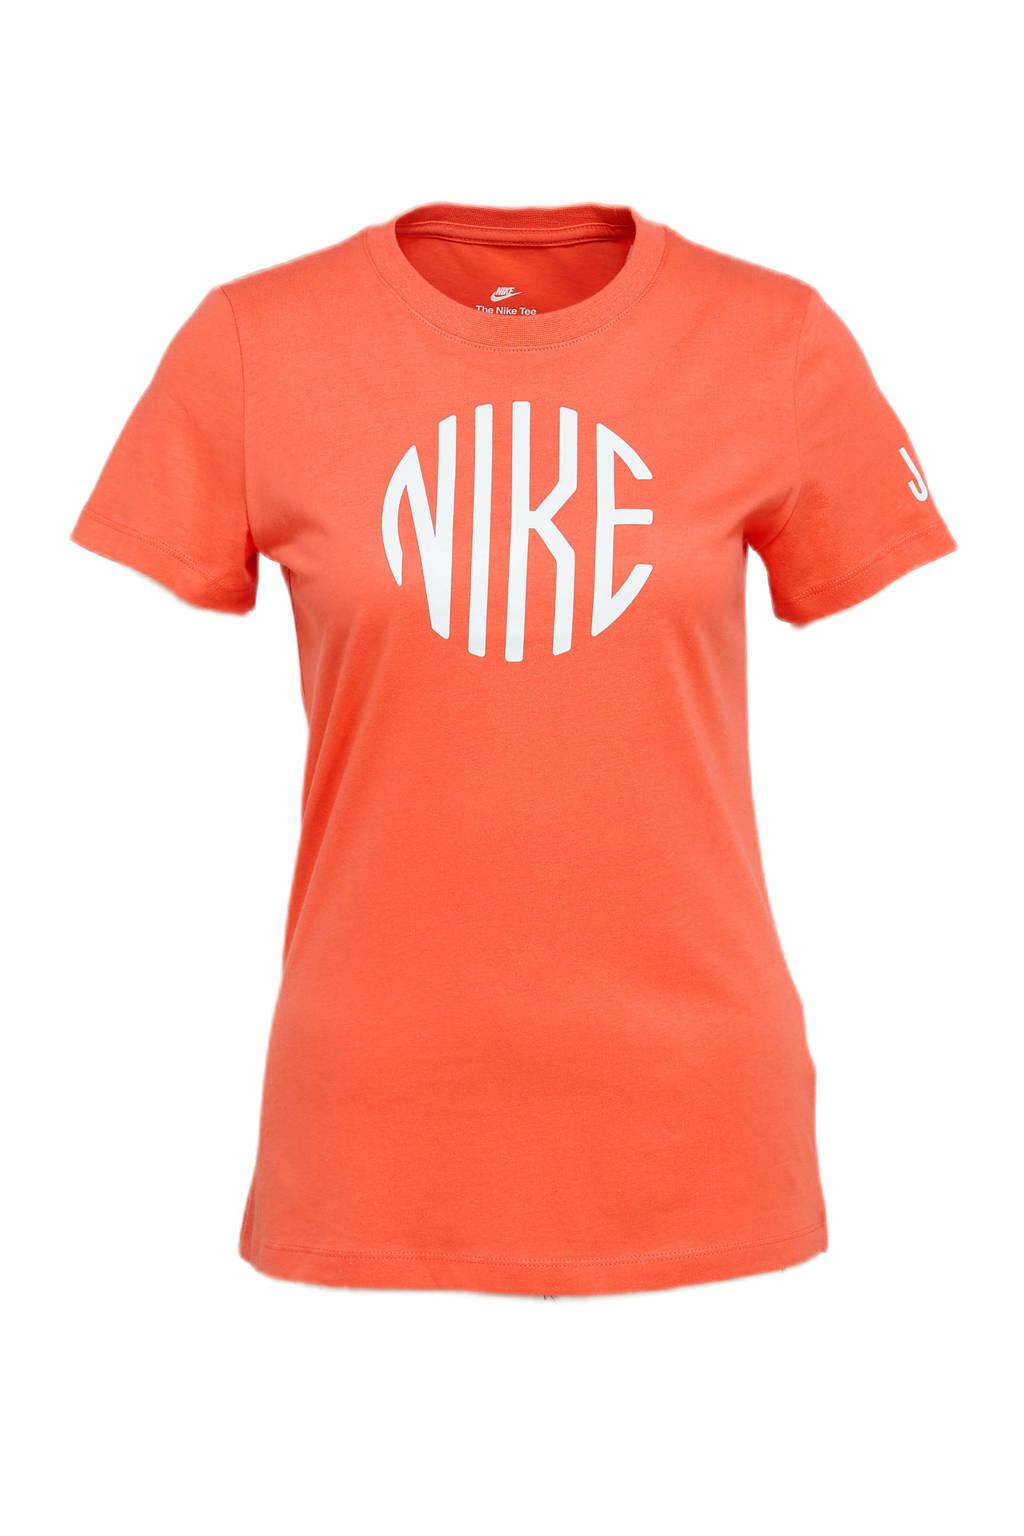 Nike T-shirt oranje, Oranje